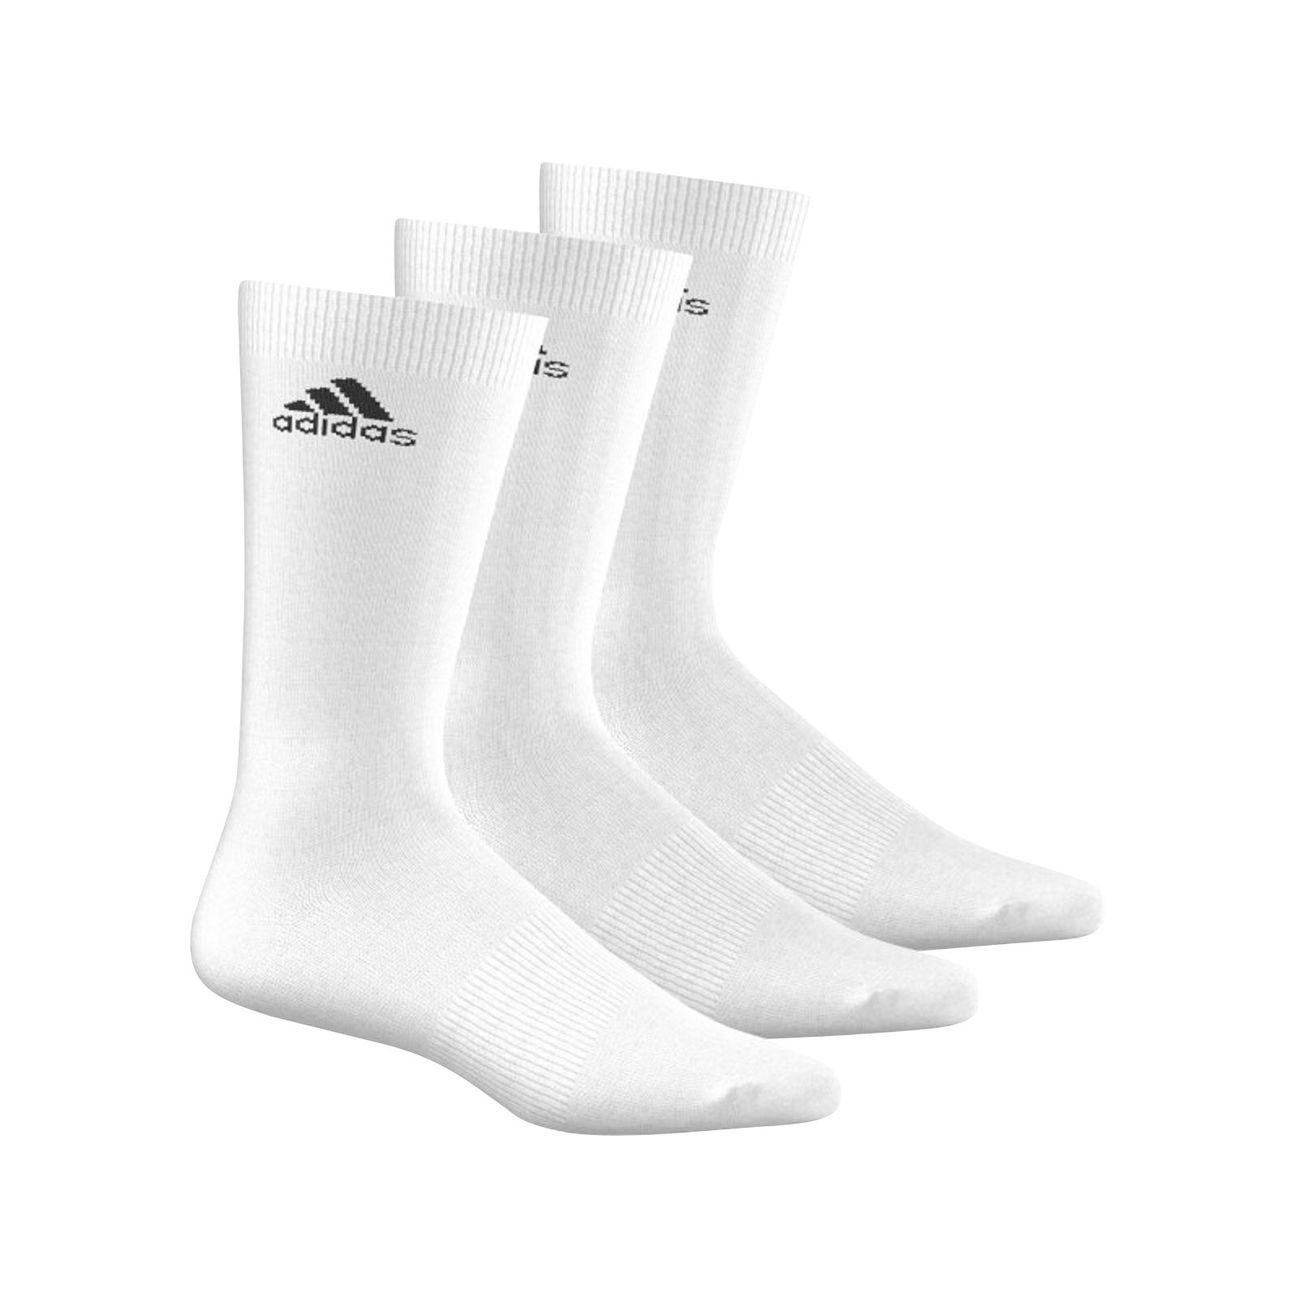 Multisport homme ADIDAS adidas Lot de 3 paires de chaussettes AA2329